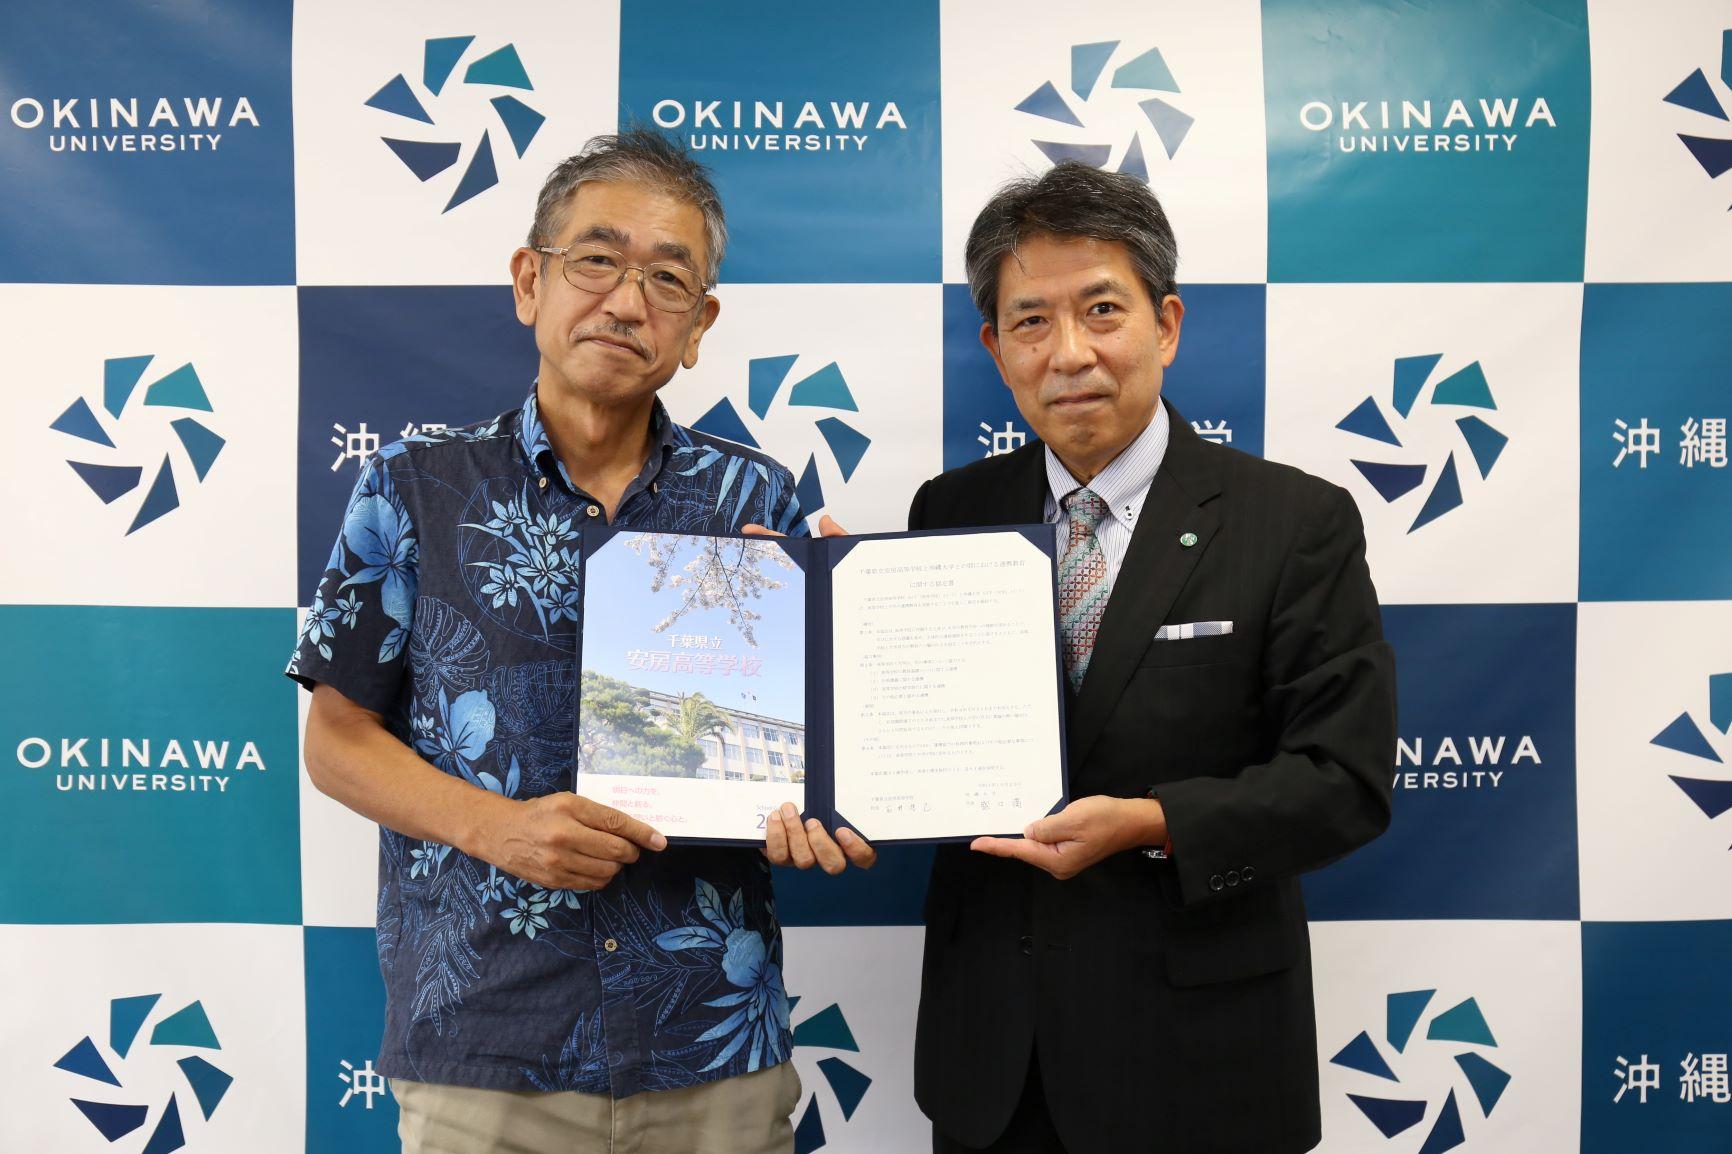 本学と千葉県立安房高等学校との連携教育に関して、調印式を行いました。